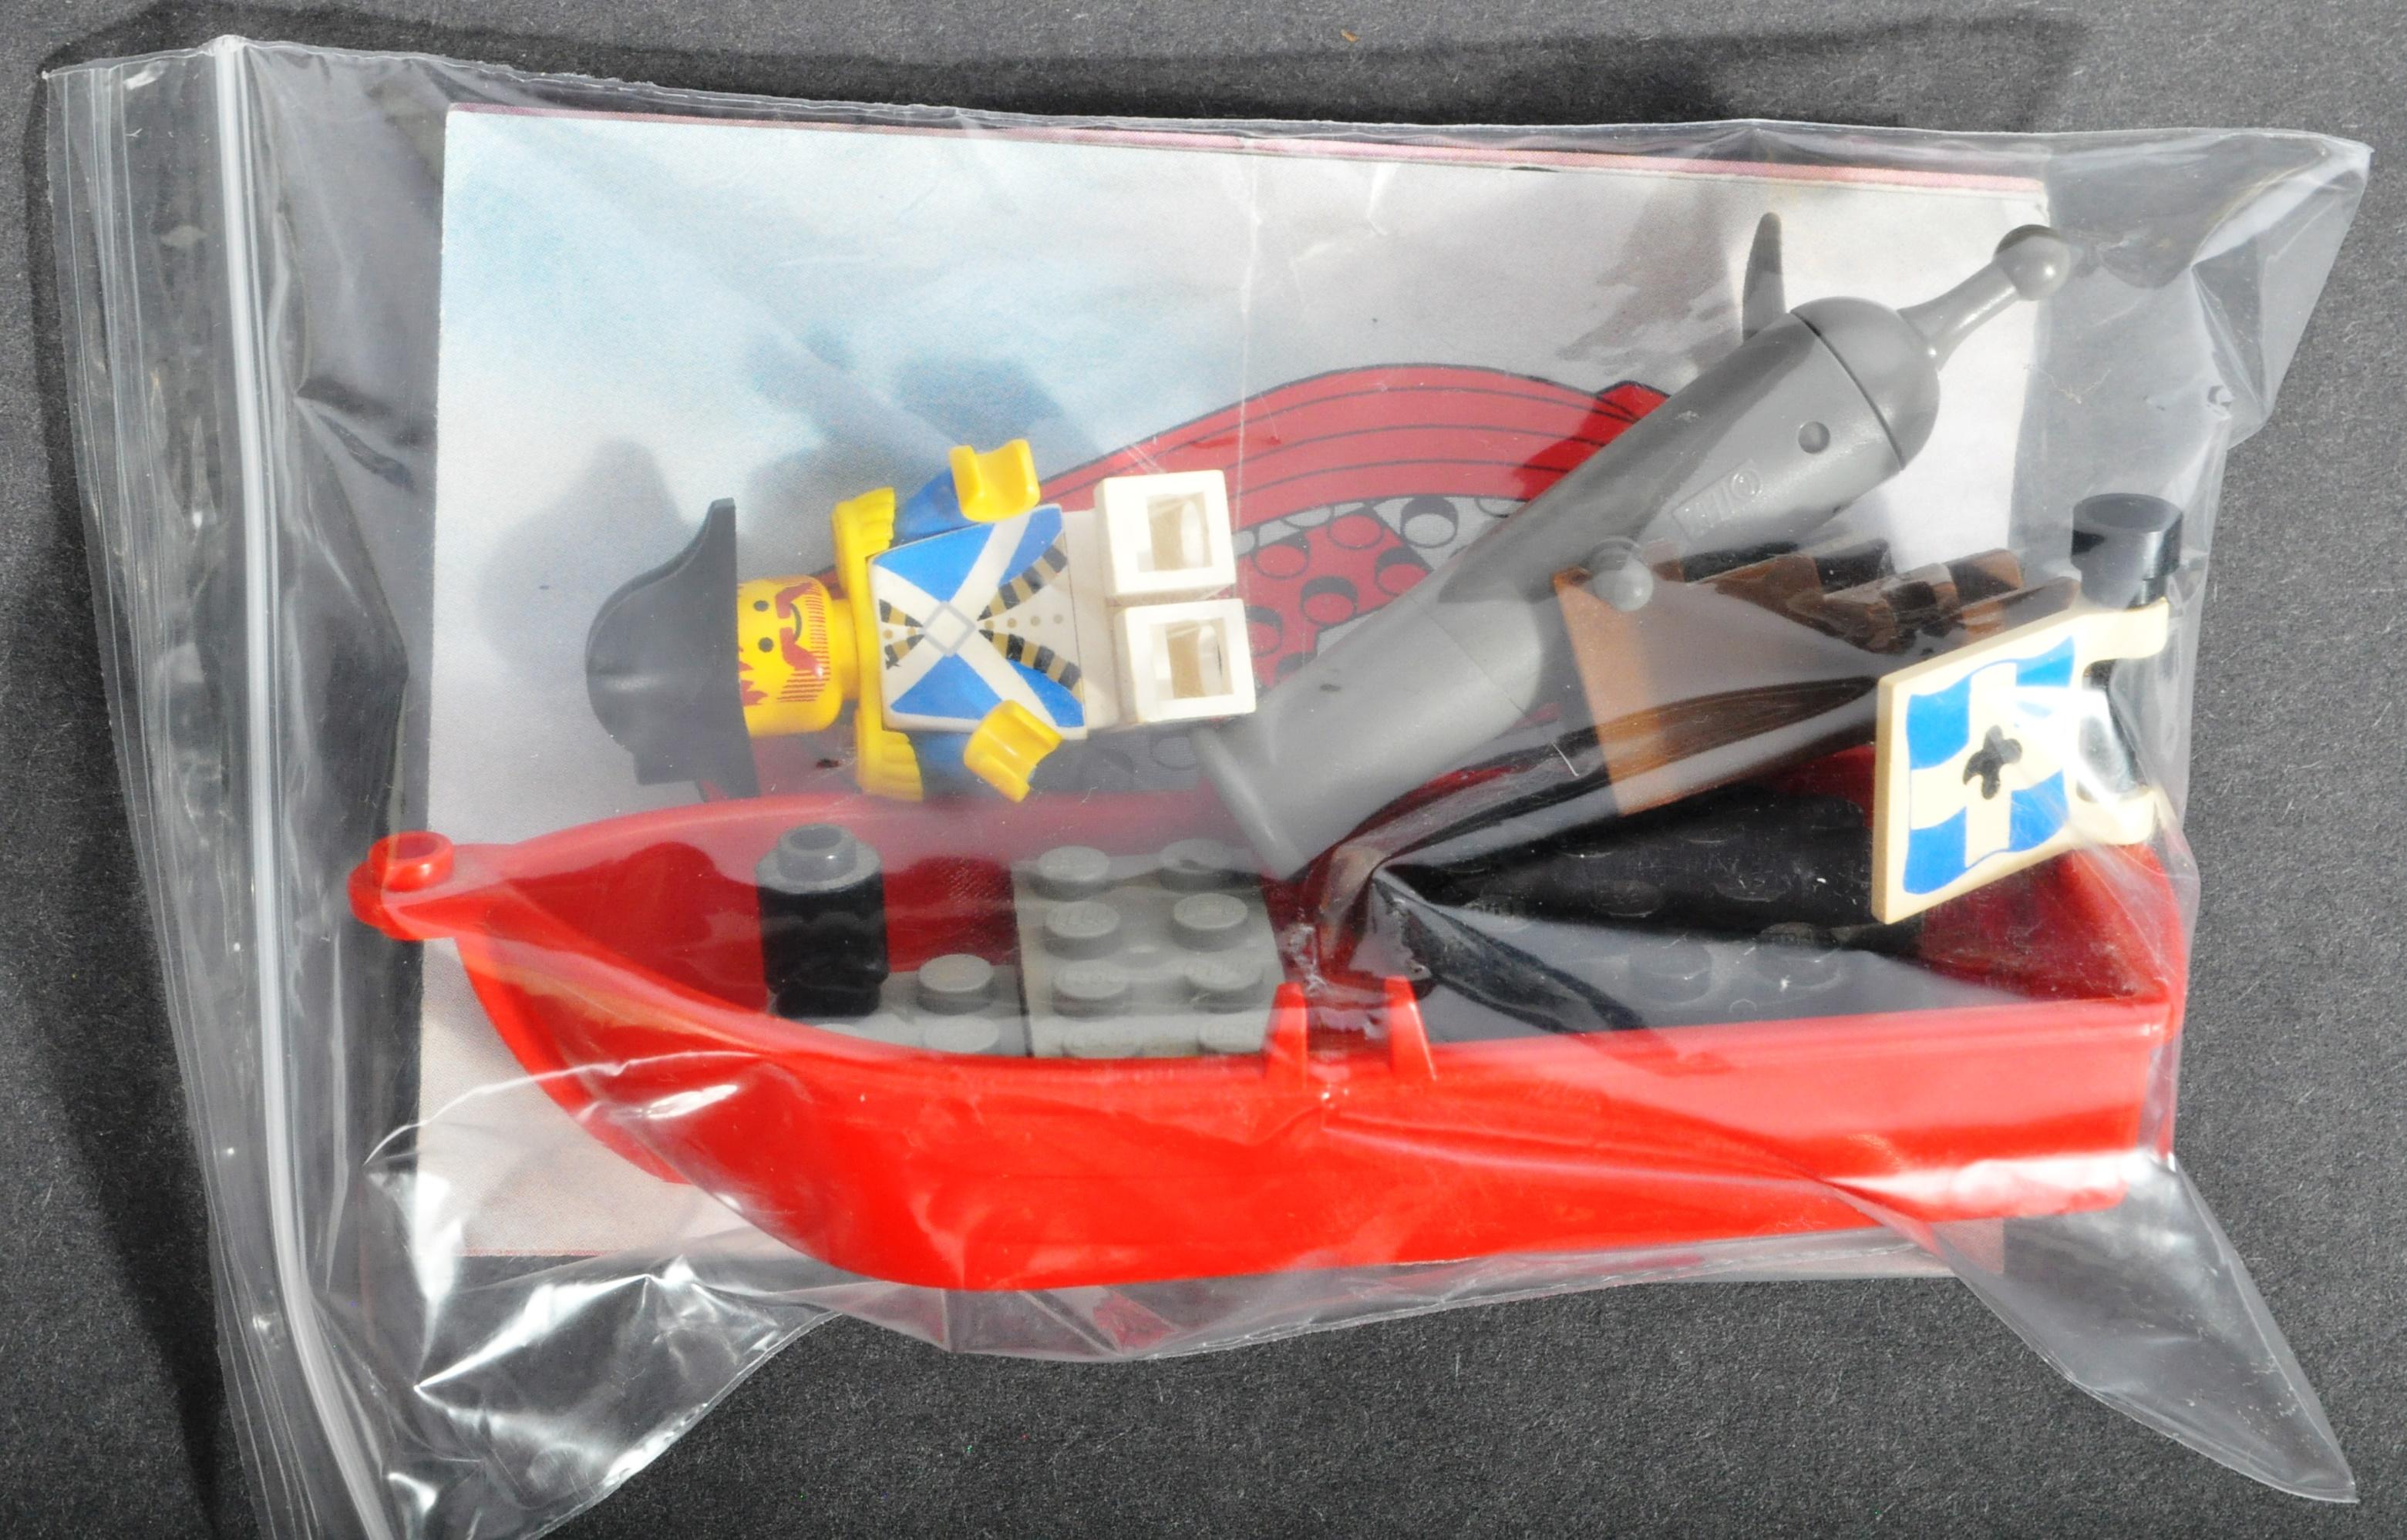 LEGO SETS - LEGO LAND - 6054 / 6245 / 6257 - Image 4 of 4